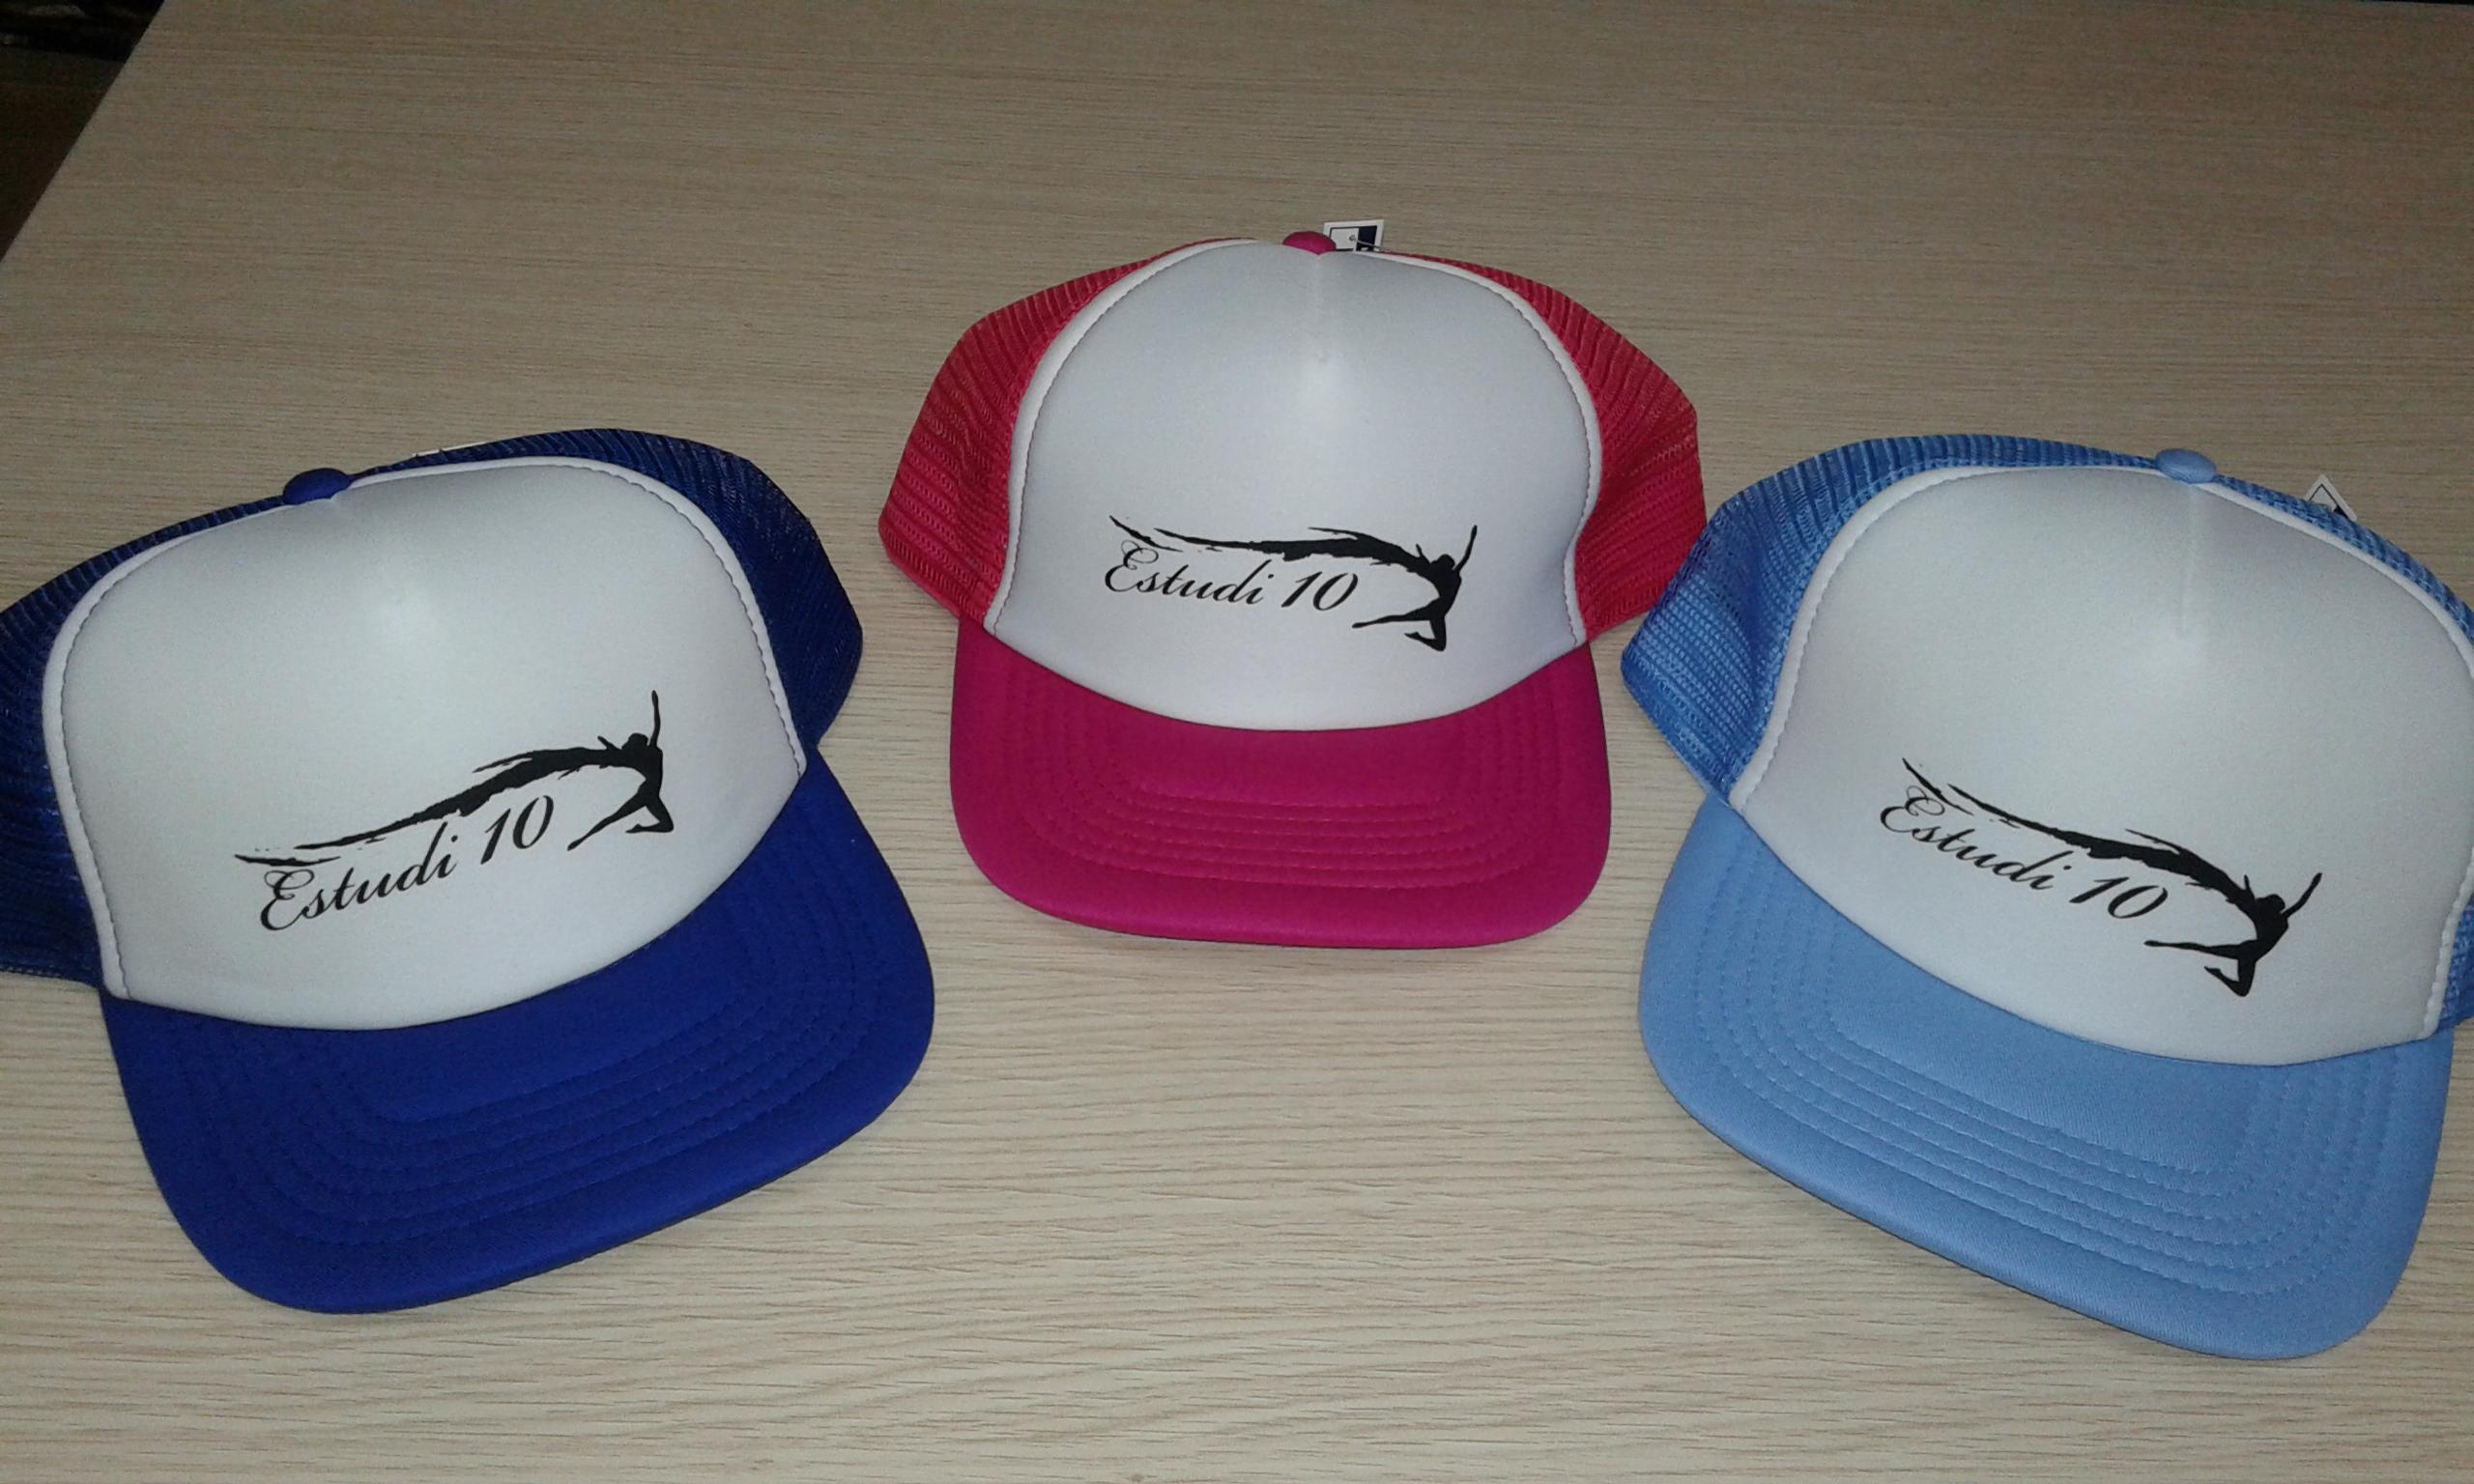 Camisetas y gorras personalizadas - Blog de camisetas personalizadas d84bf795886